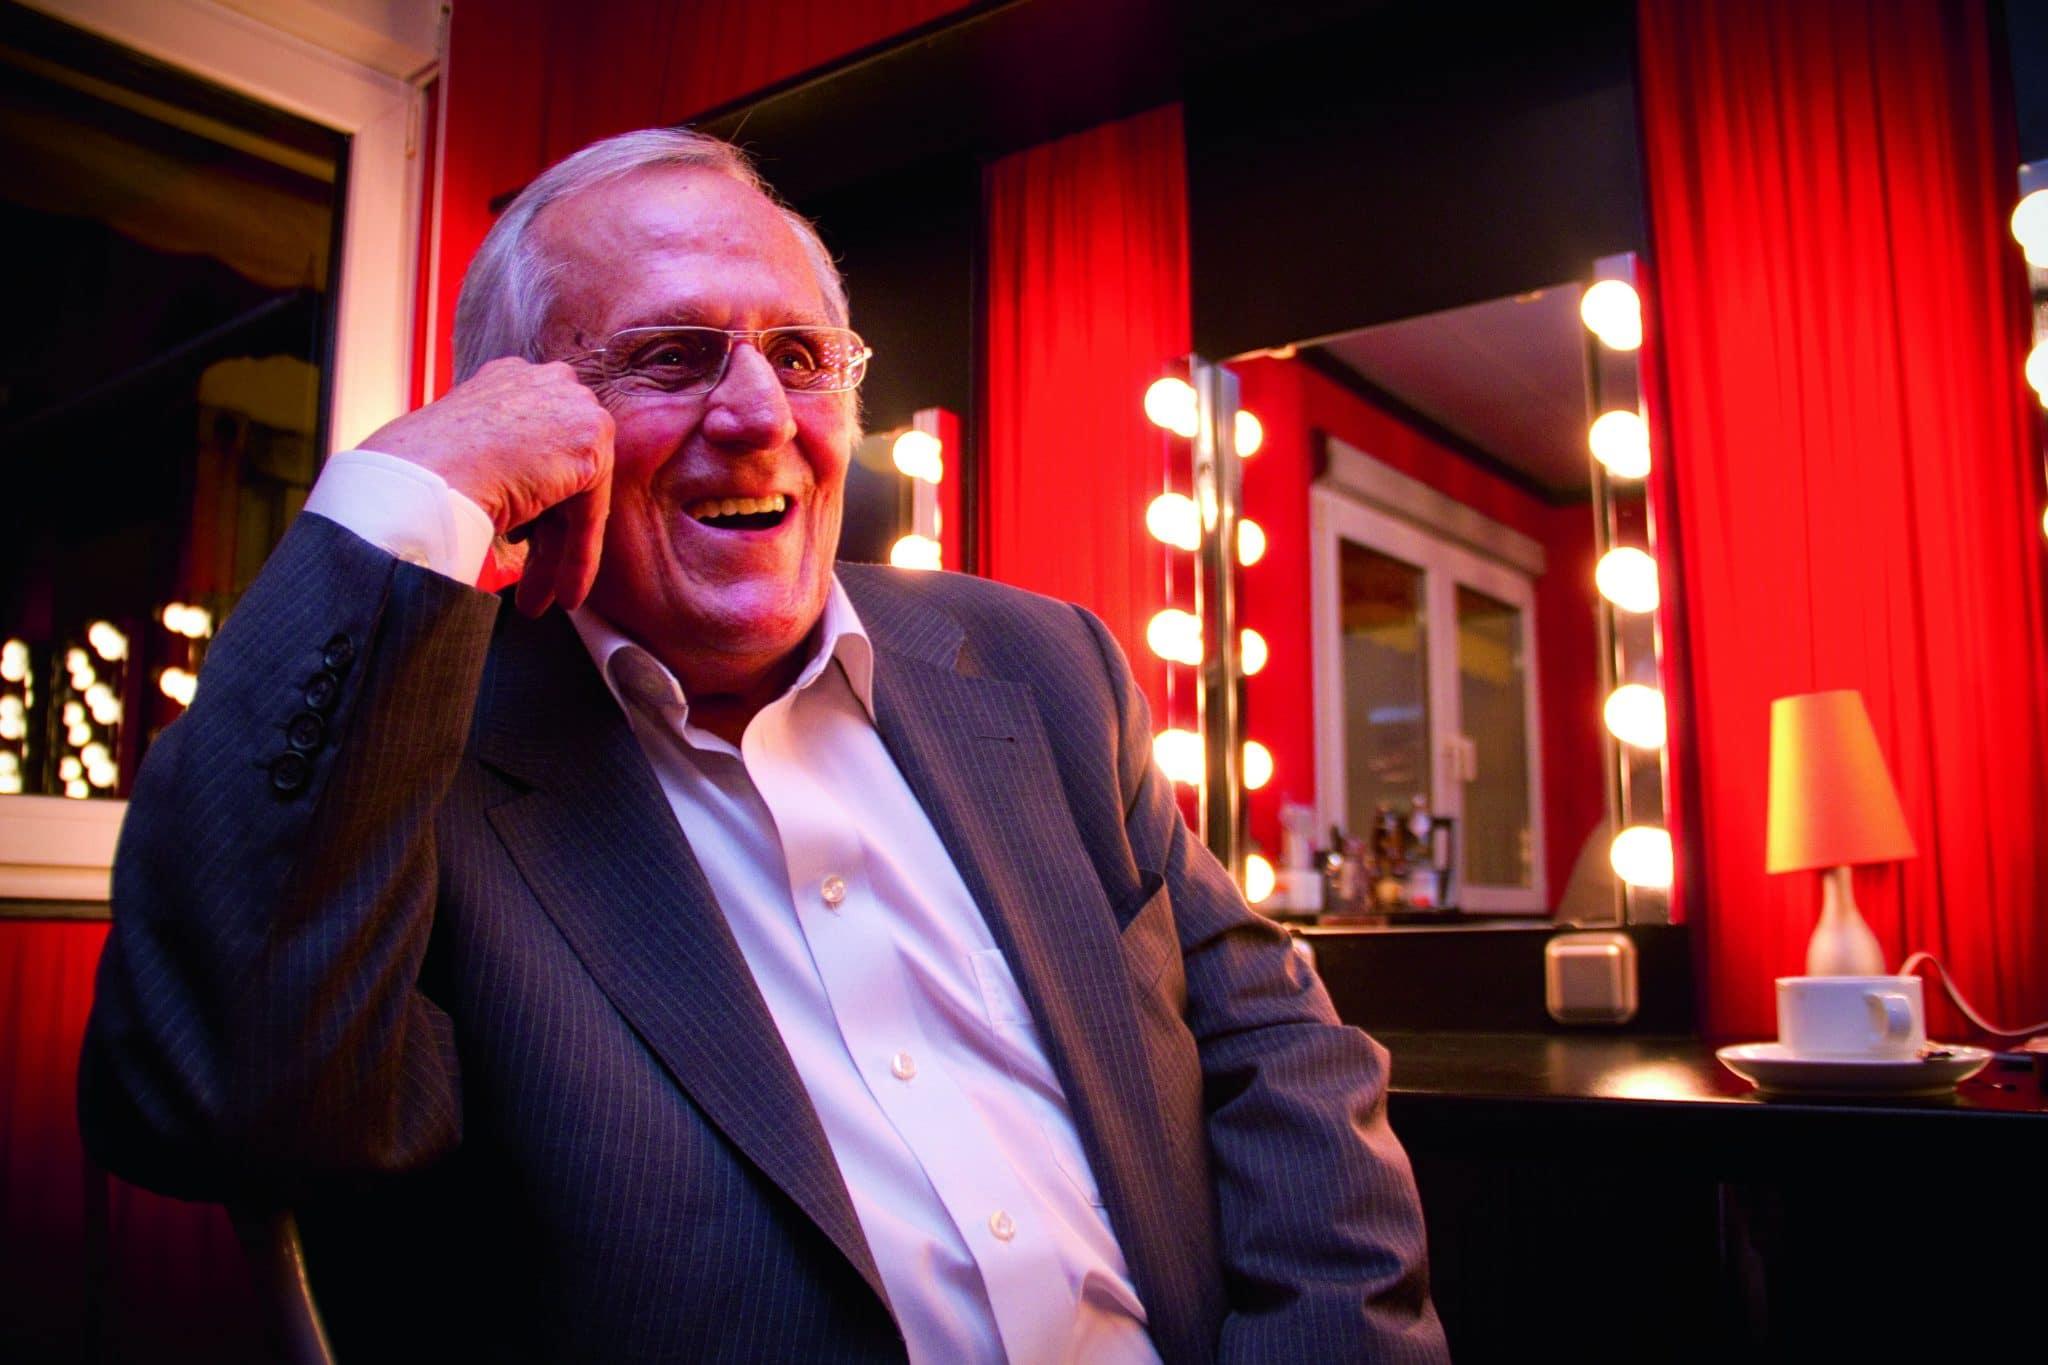 Freut sich darauf, mit dem Störsender die Politik zu piesacken: Dieter Hildebrandt vor einem Auftritt im Tipi am Kanzleramt, Foto: Stephan Baumann